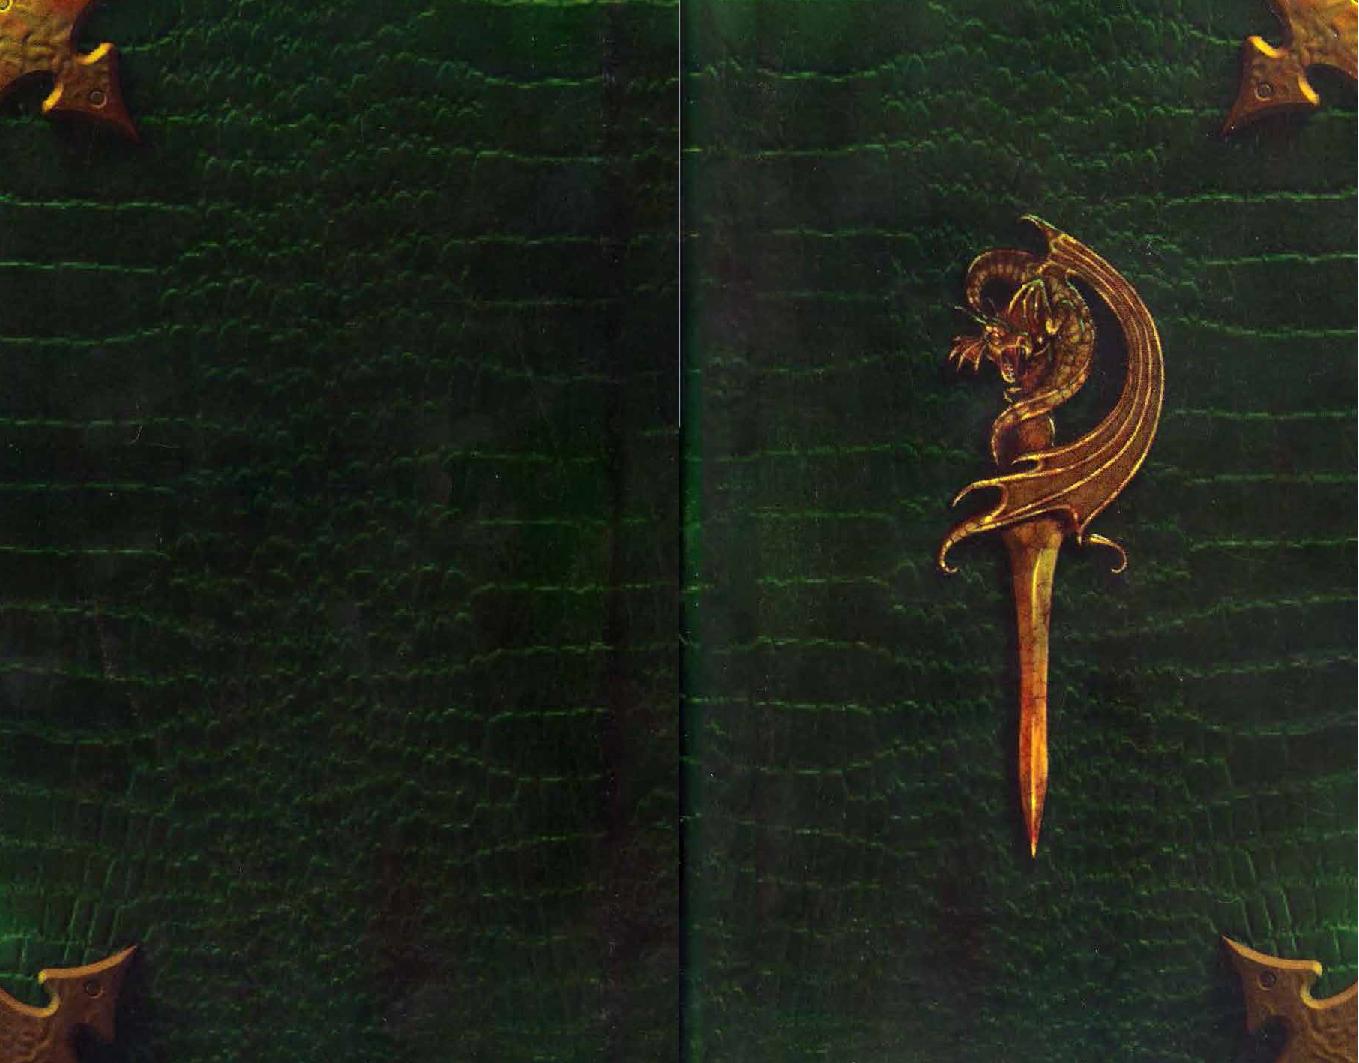 The Elder Scrolls II: Daggerfall User's Guide